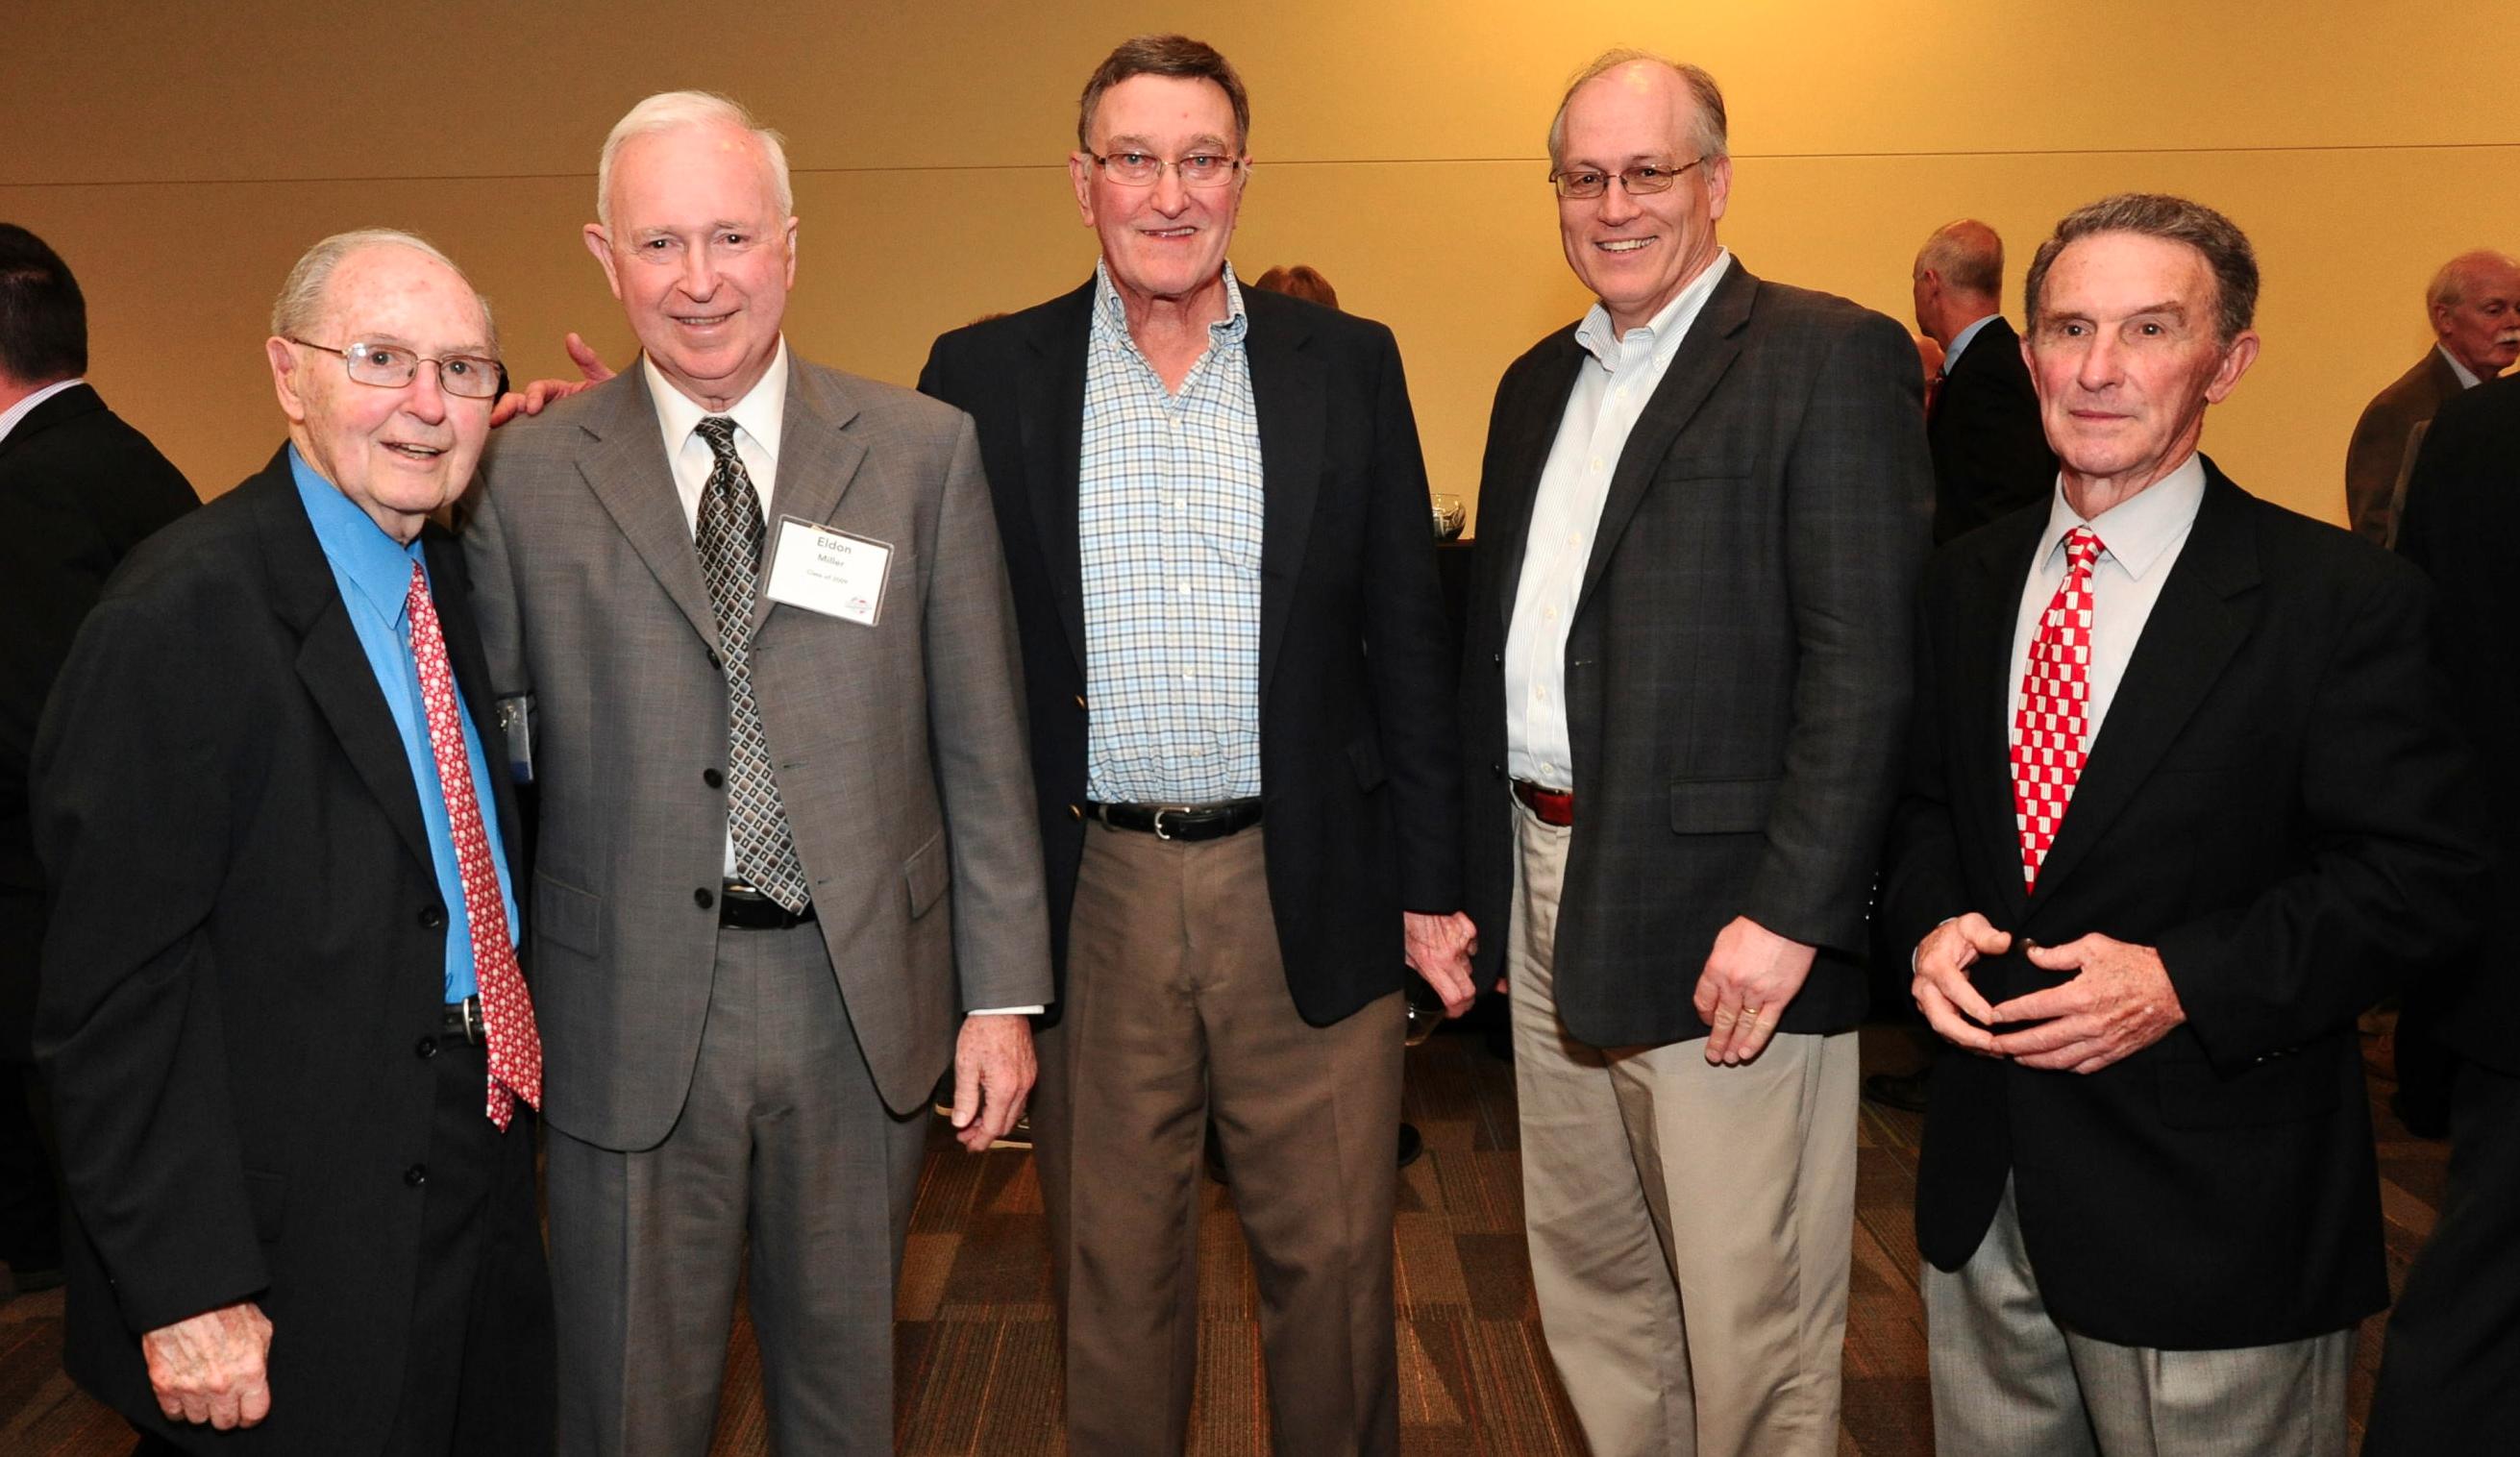 Don Henderson, Eldon Miller, Bob Hamilton, et al